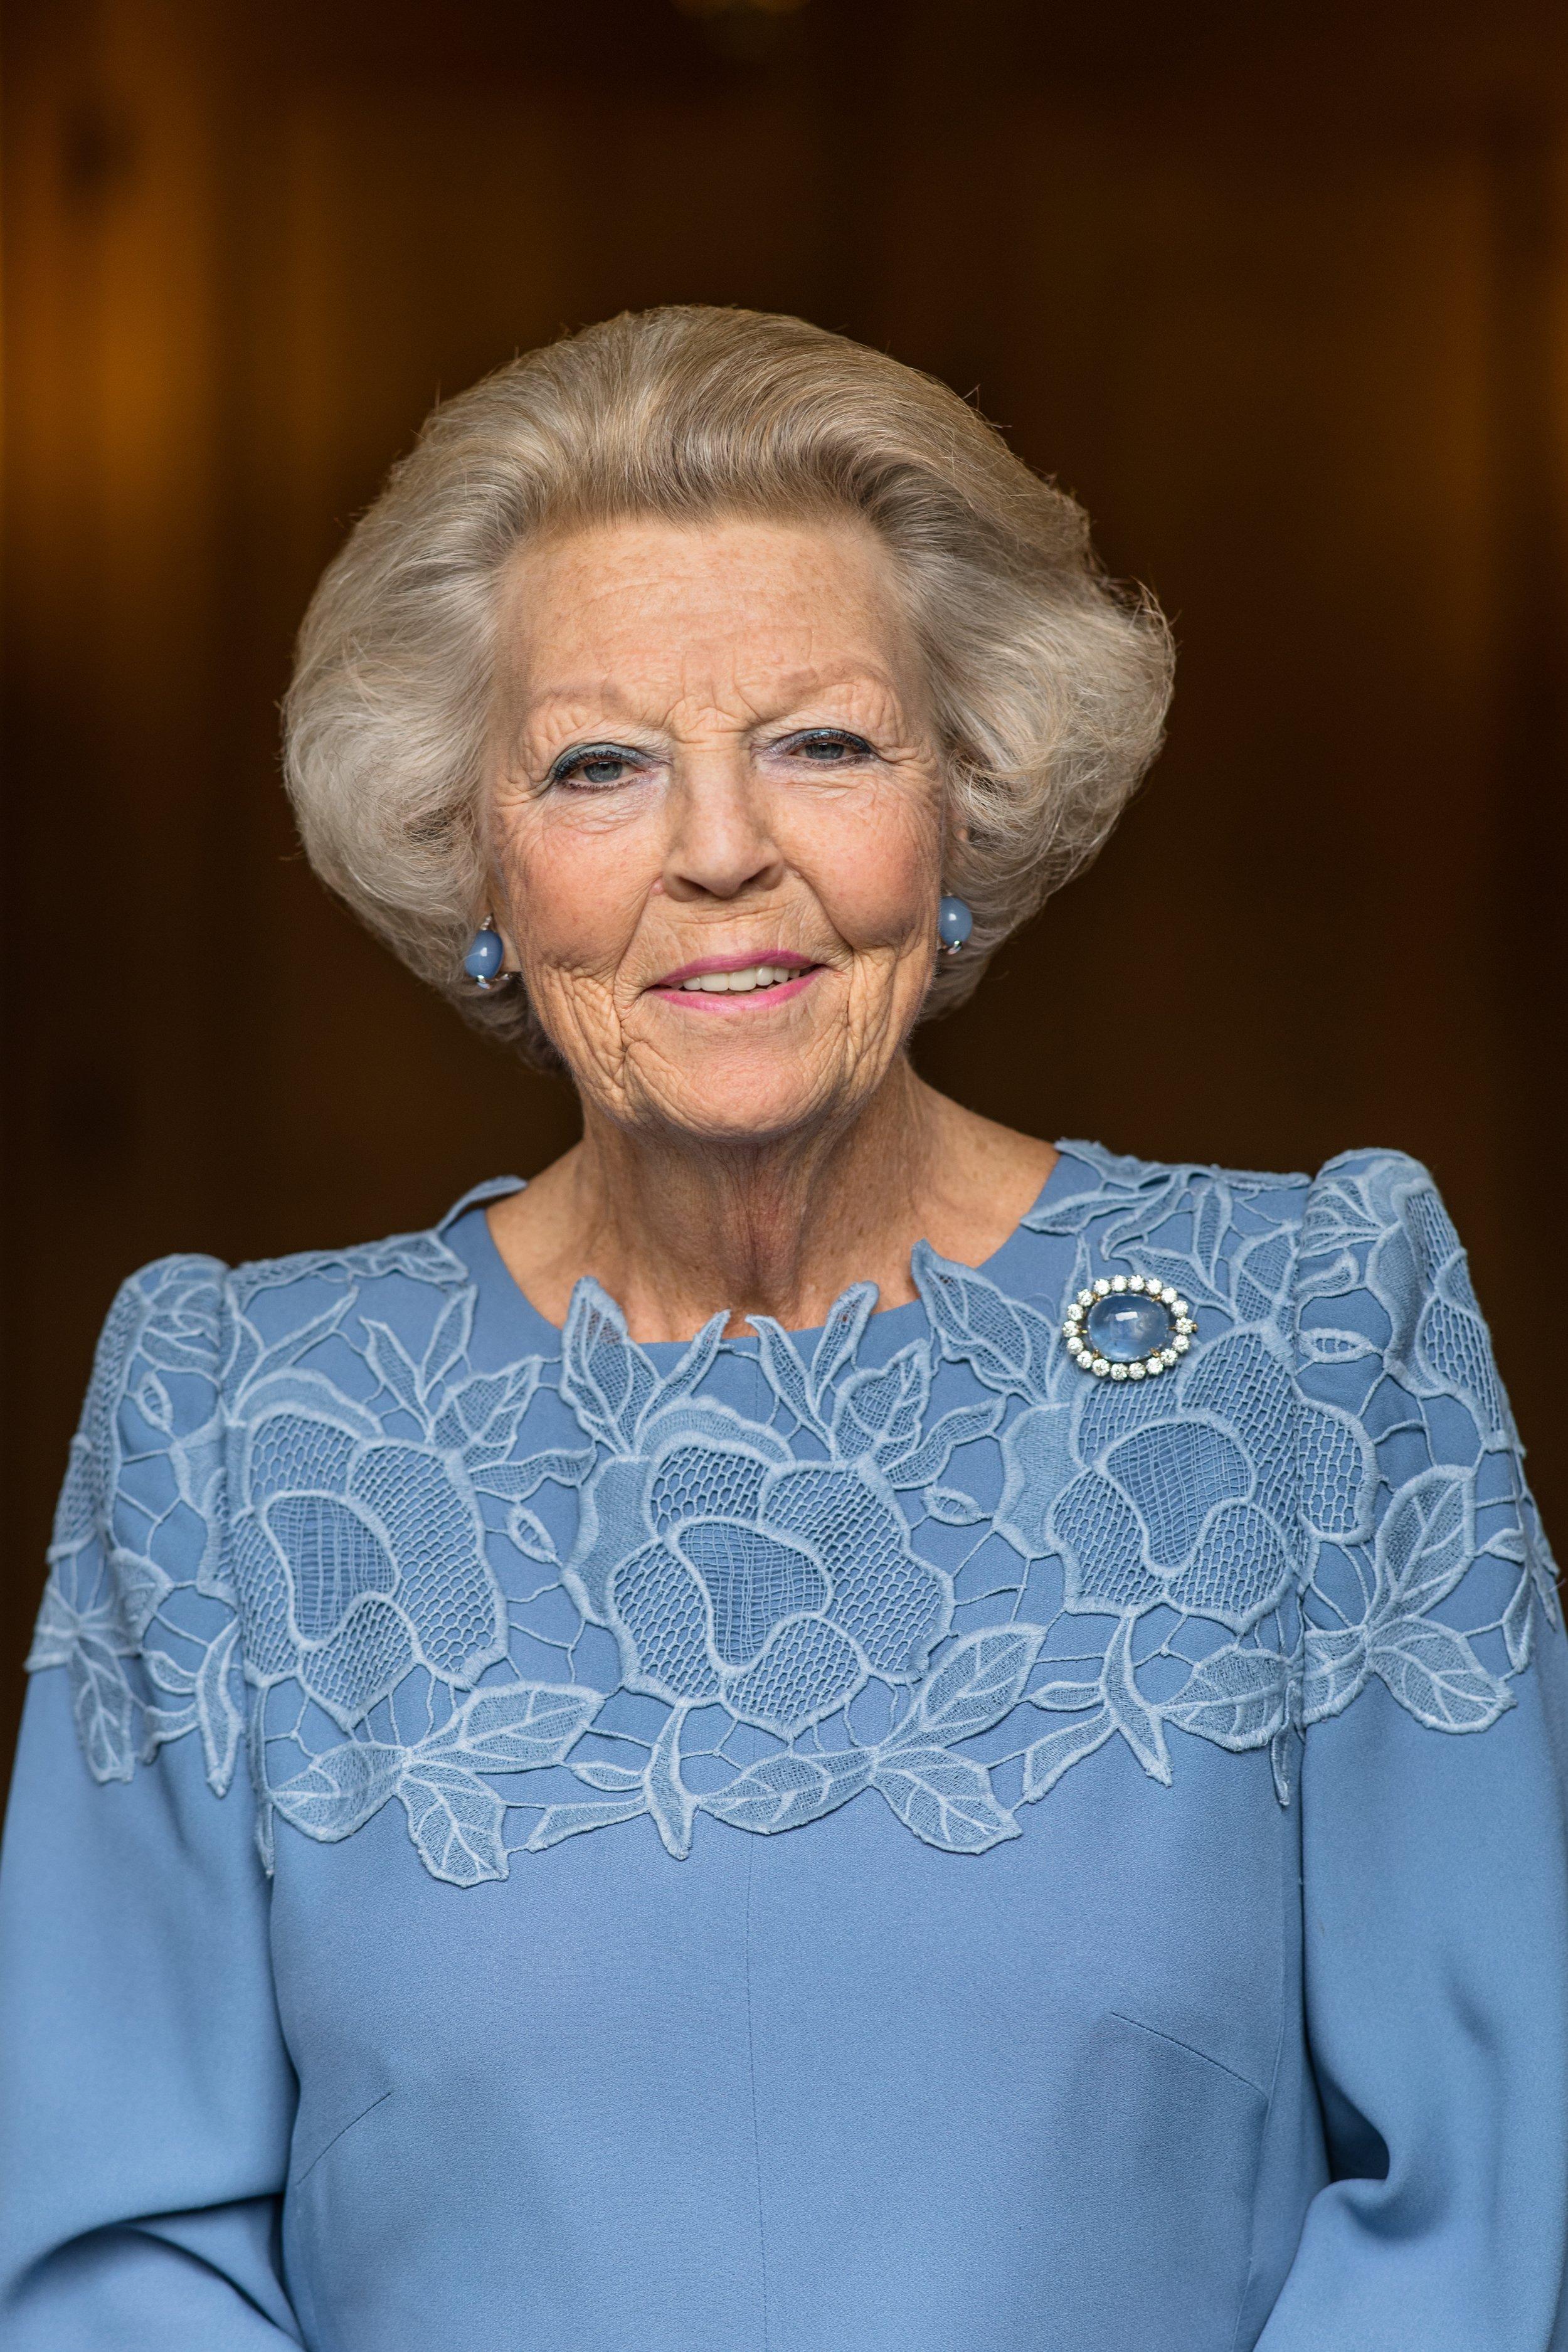 Auch mit 80 Jahren ist Prinzessin Beatrix eine attraktive Frau. Sie lebt auf  Auf Schloss Drakensteyn bei Utrecht genießt sie  Foto: RVD, Jeroen van der Meyde